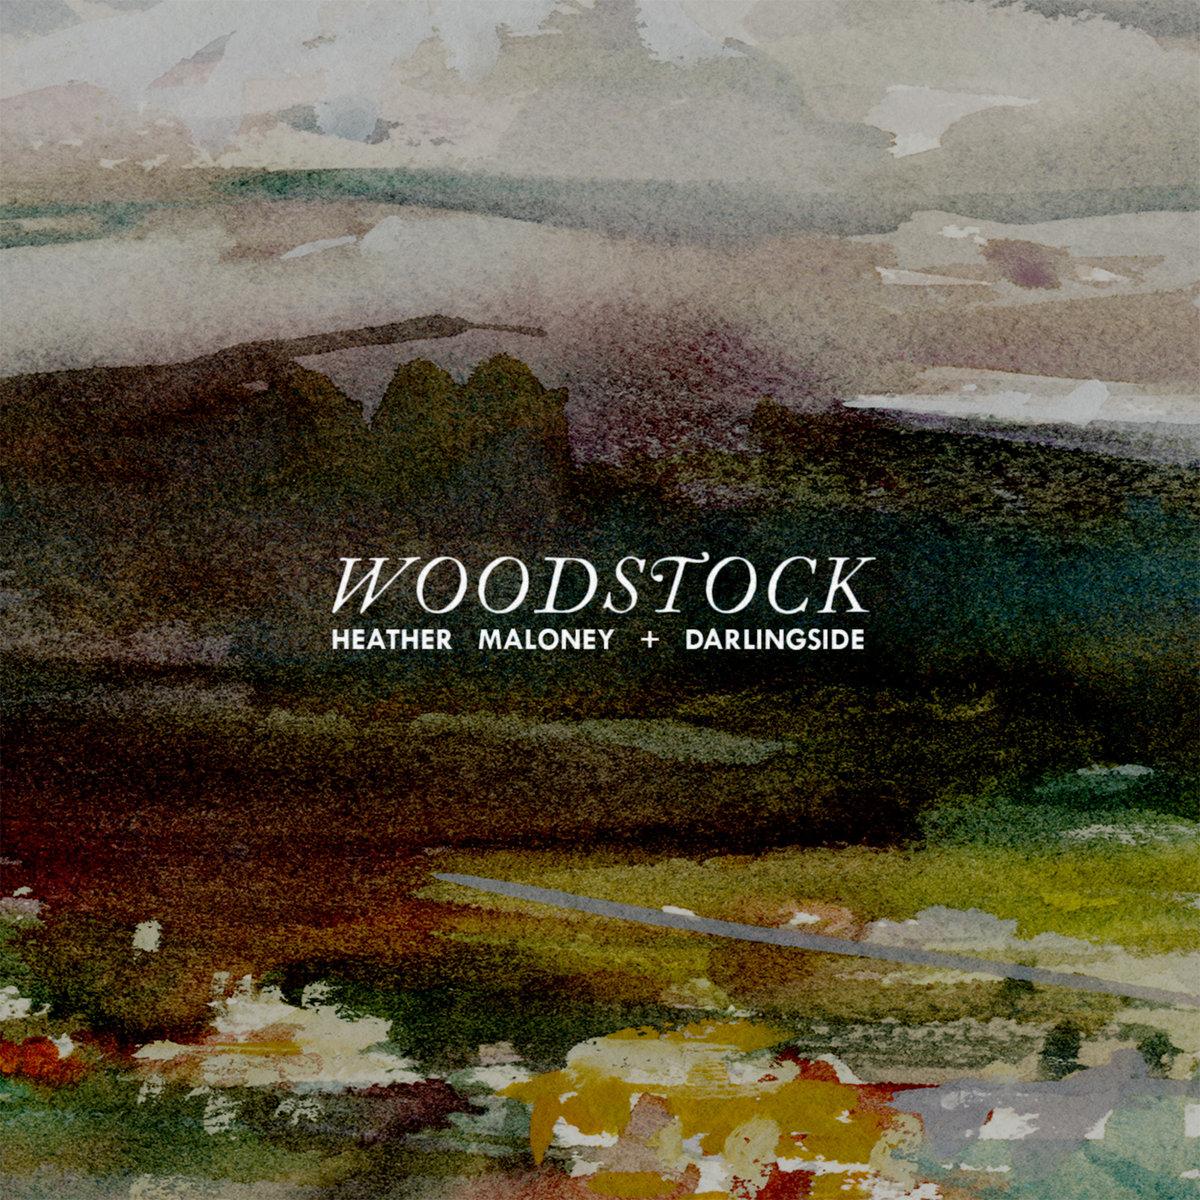 Woodstock | Heather Maloney + Darlingside